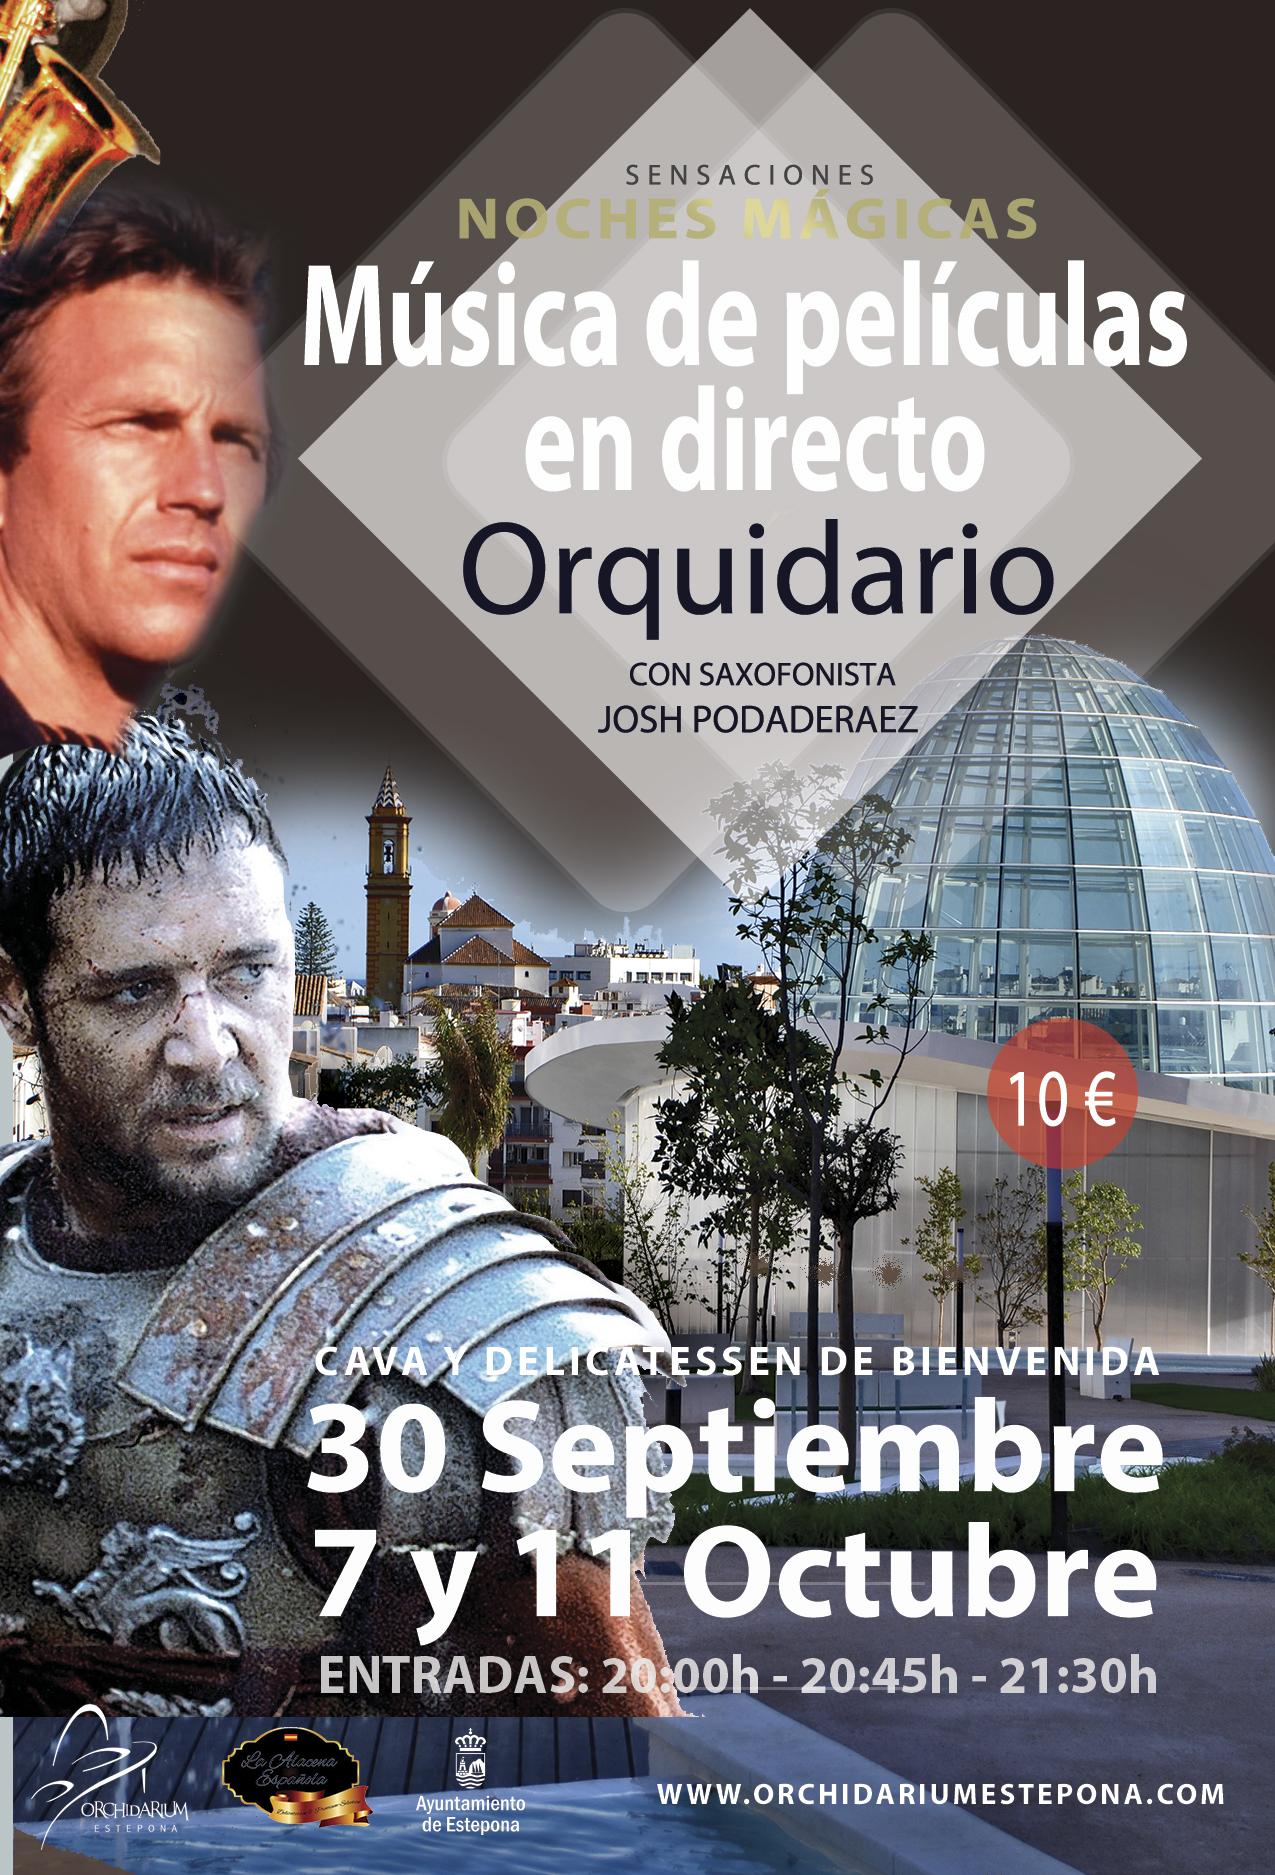 El ciclo de conciertos en el Orquidario continúa con la actuación de saxo de Josh Podaderaez